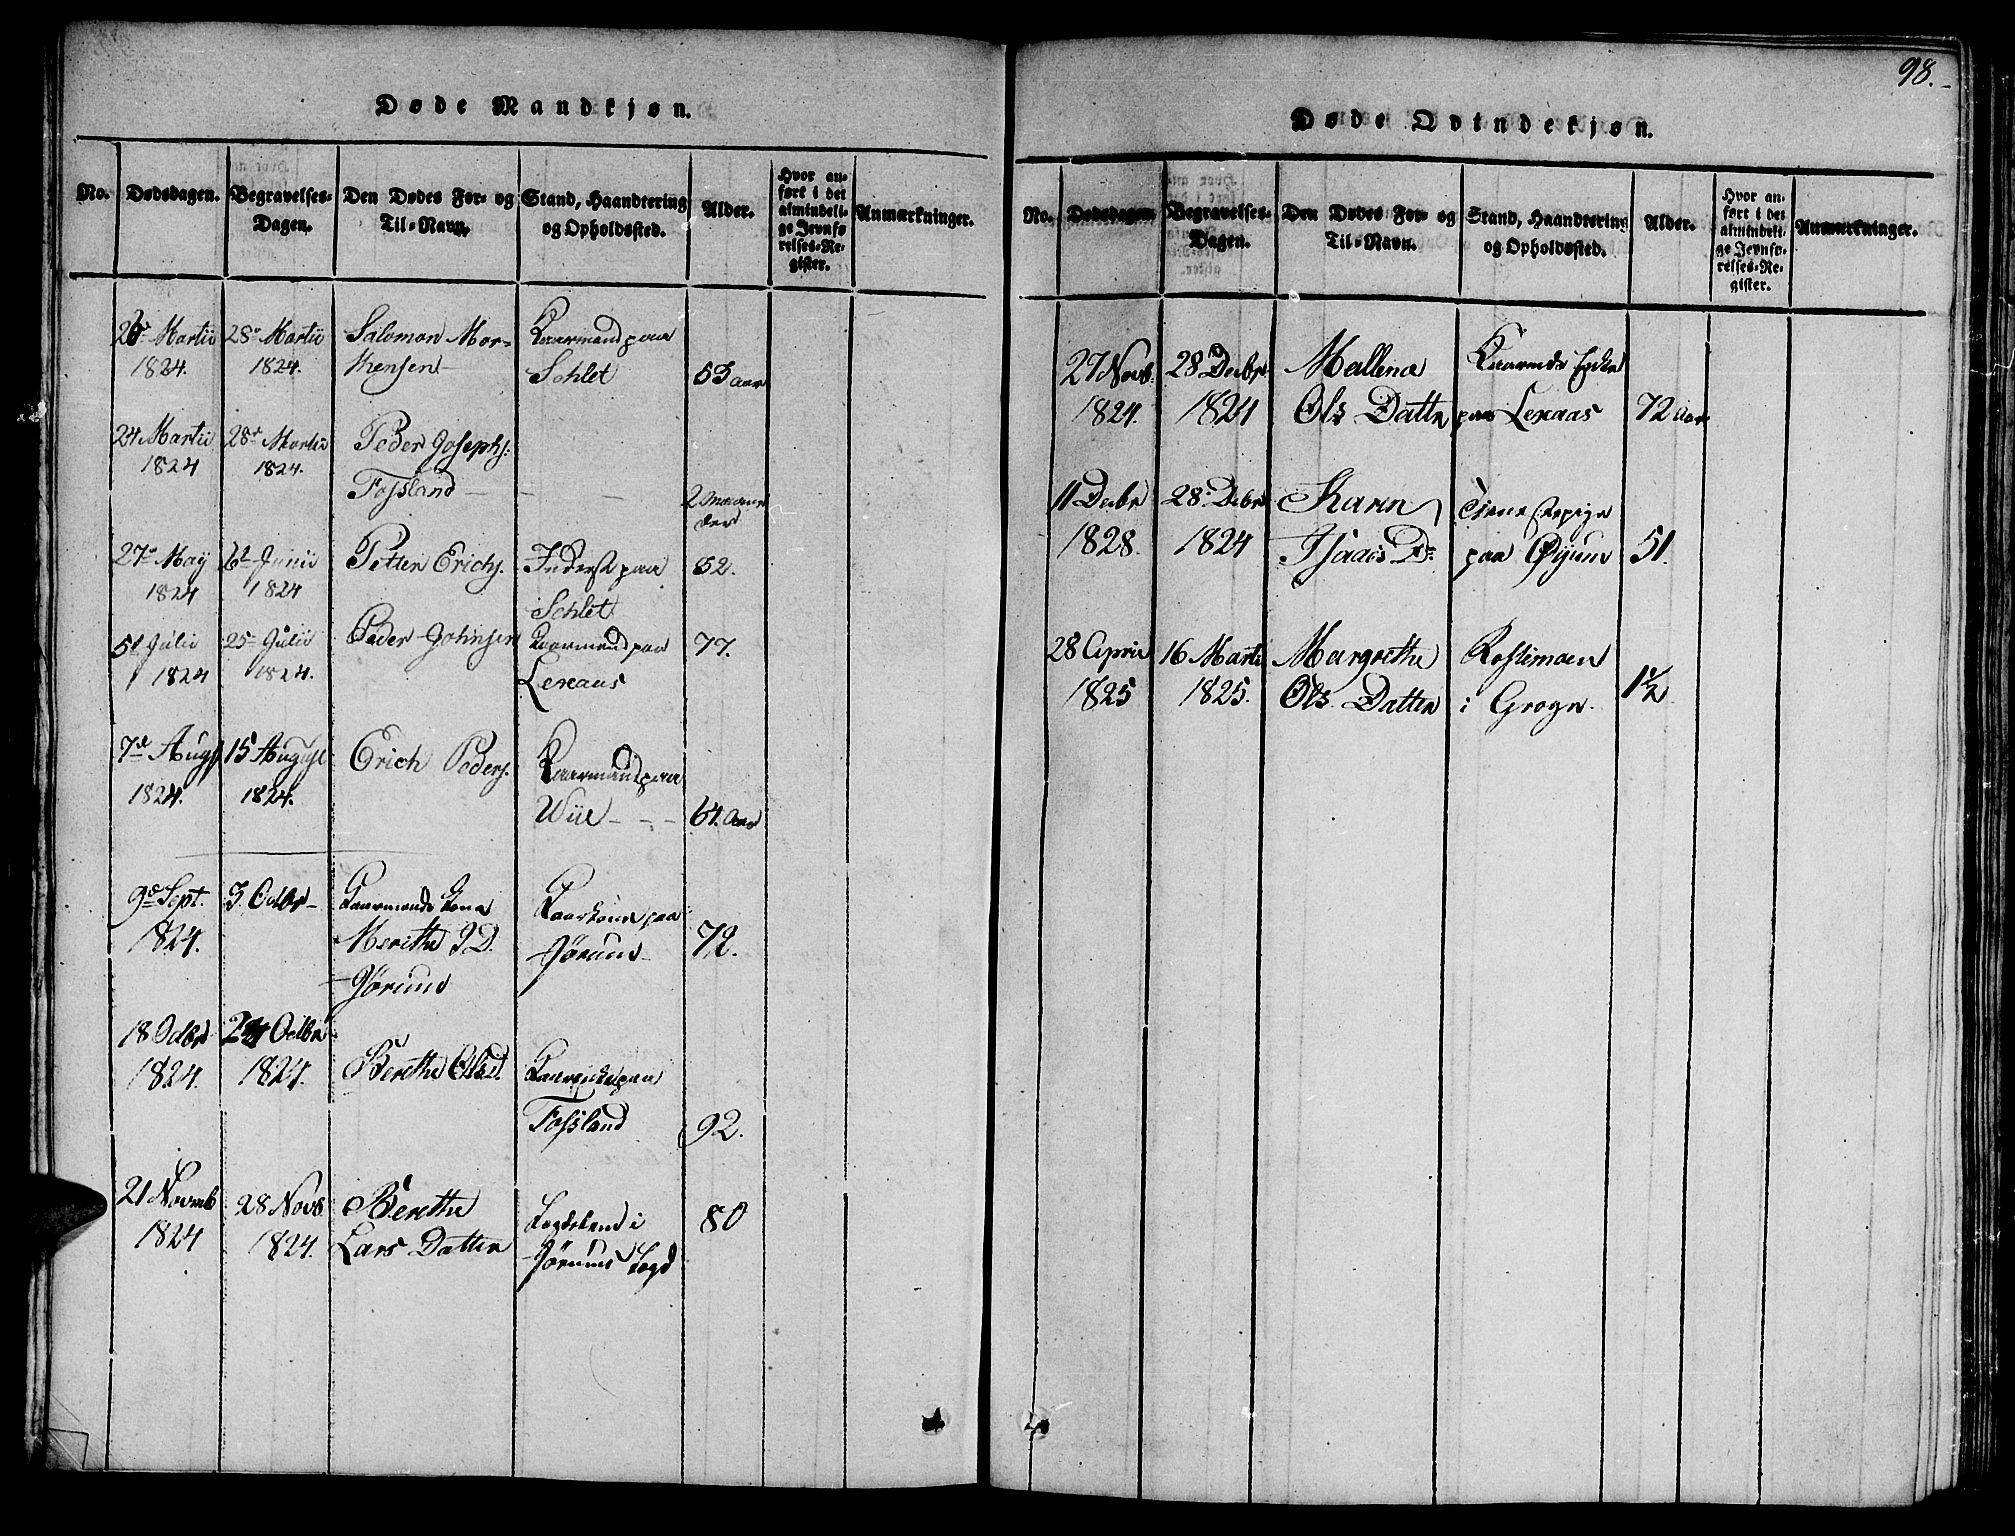 SAT, Ministerialprotokoller, klokkerbøker og fødselsregistre - Nord-Trøndelag, 758/L0521: Klokkerbok nr. 758C01, 1816-1825, s. 98